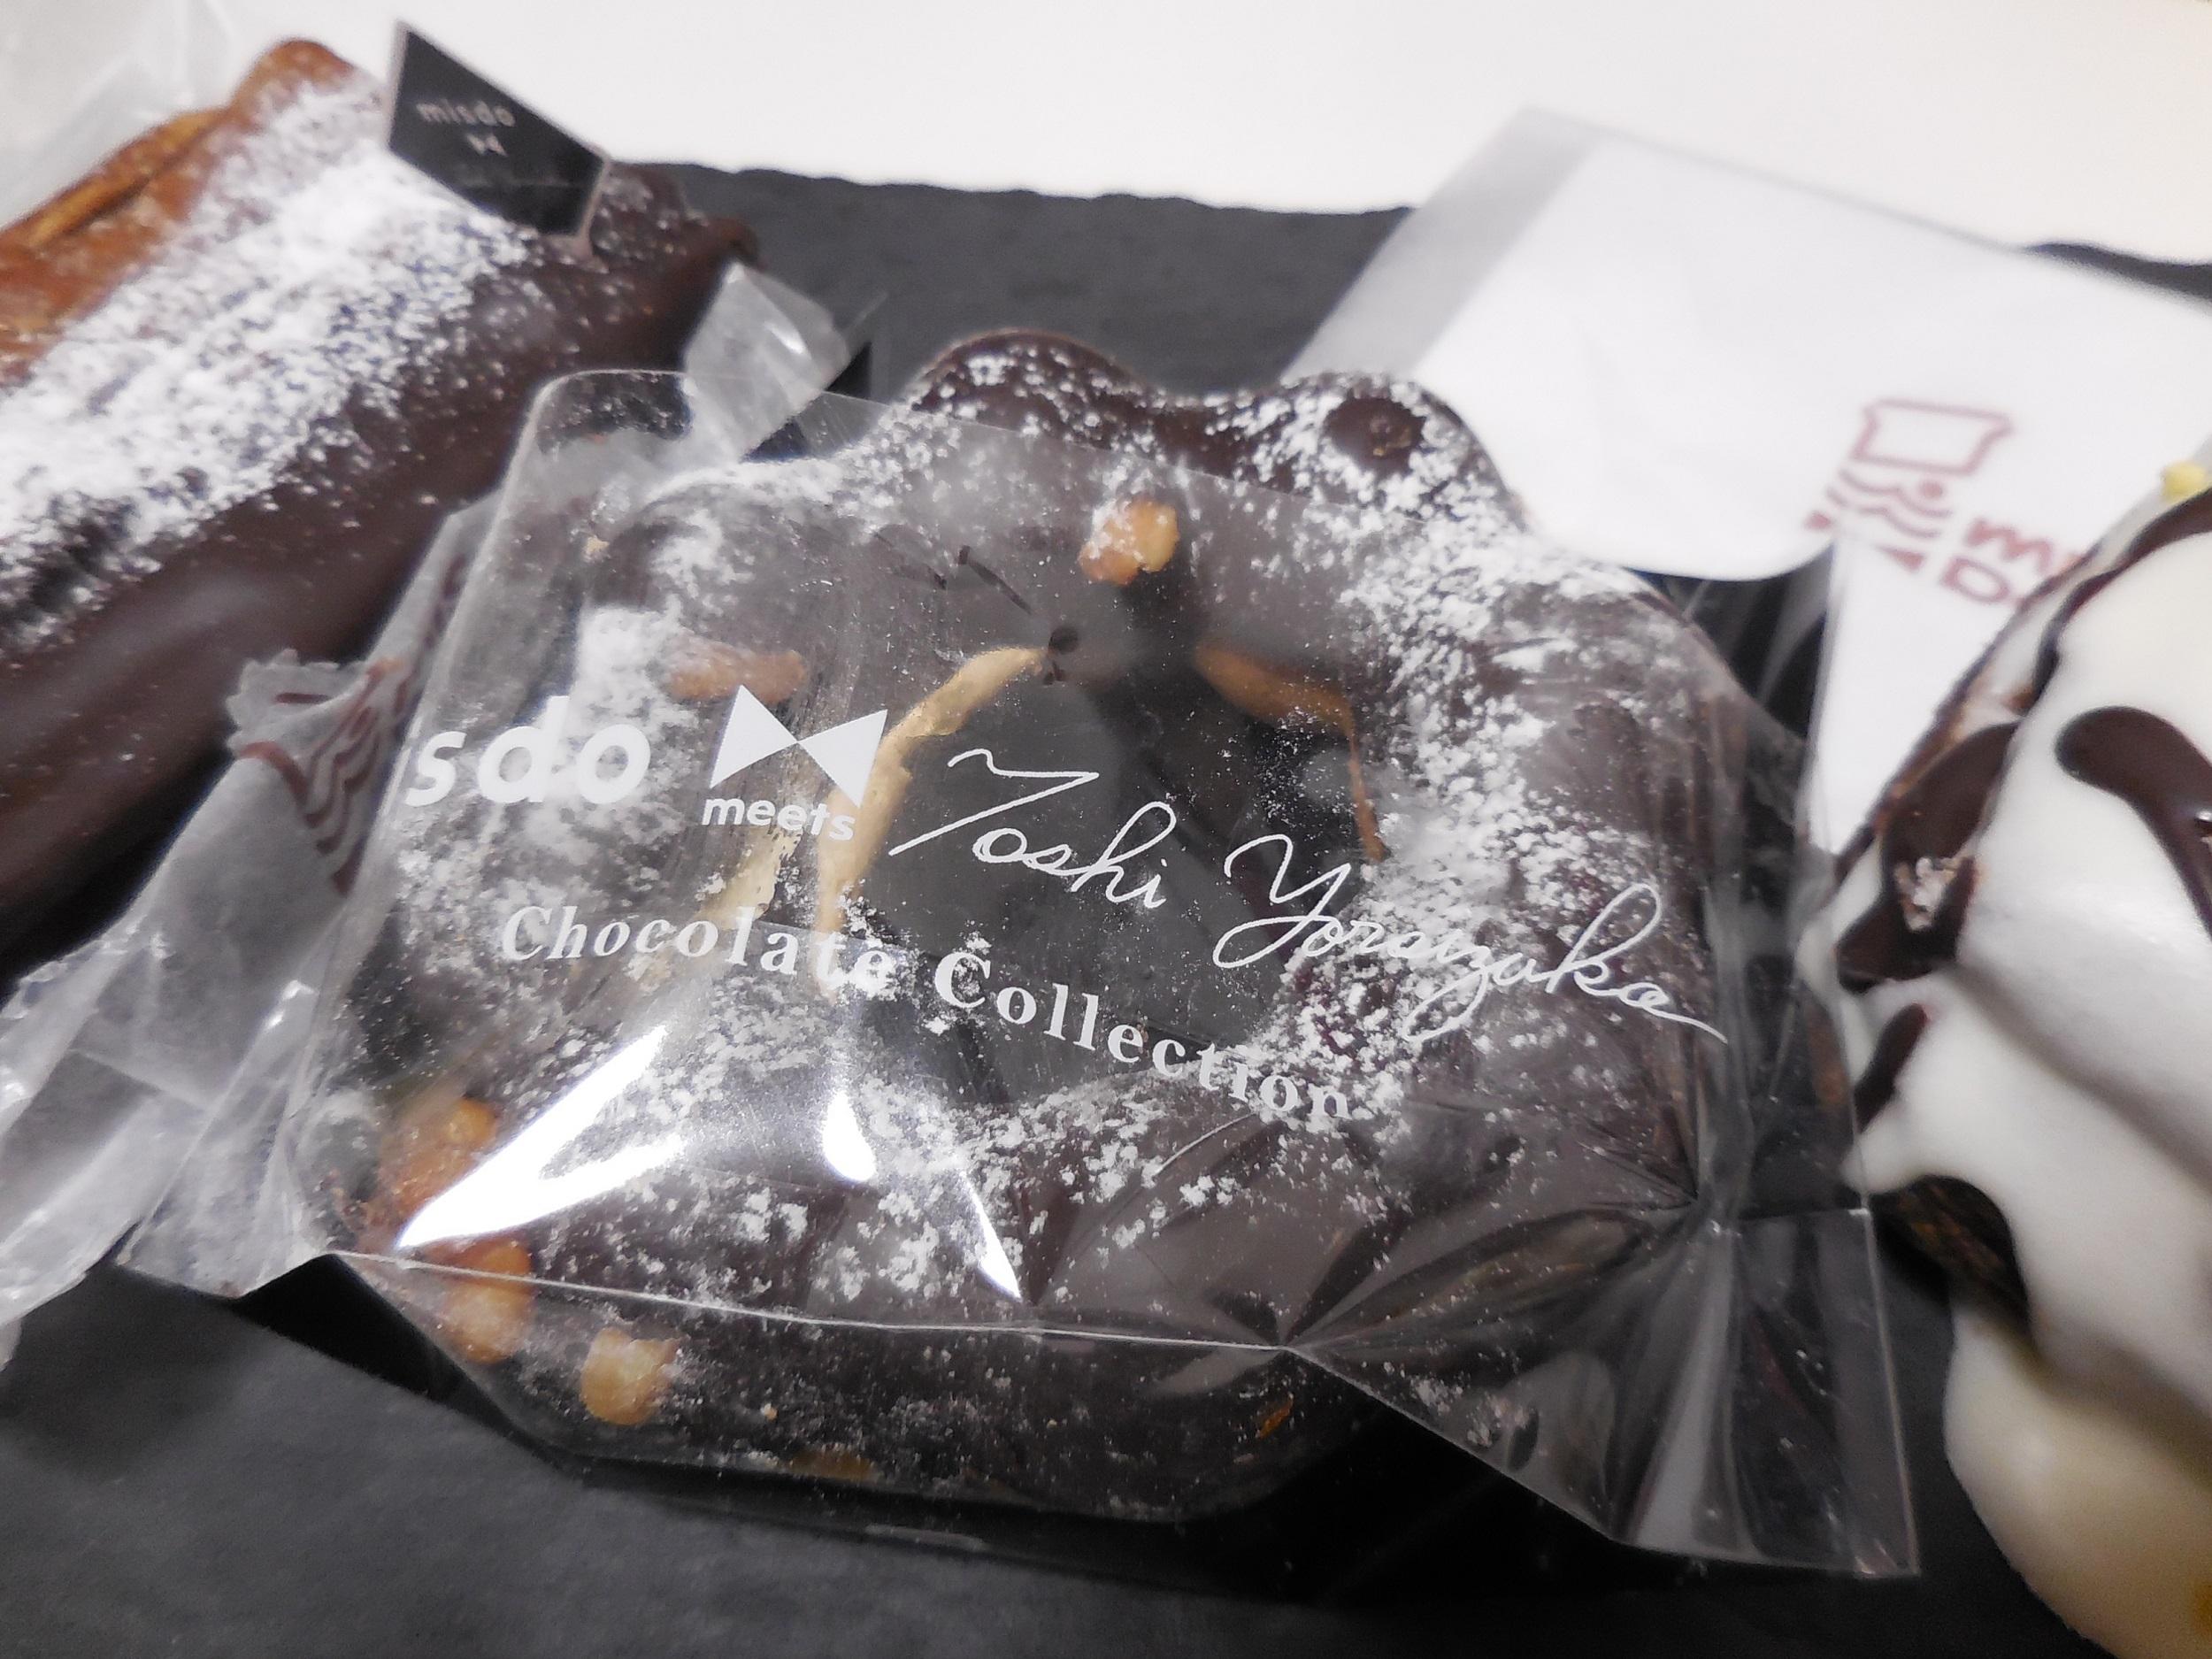 【ミスド】Toshi Yoroizuka♡2月1日から数量限定販売のショコラパイも♡_3